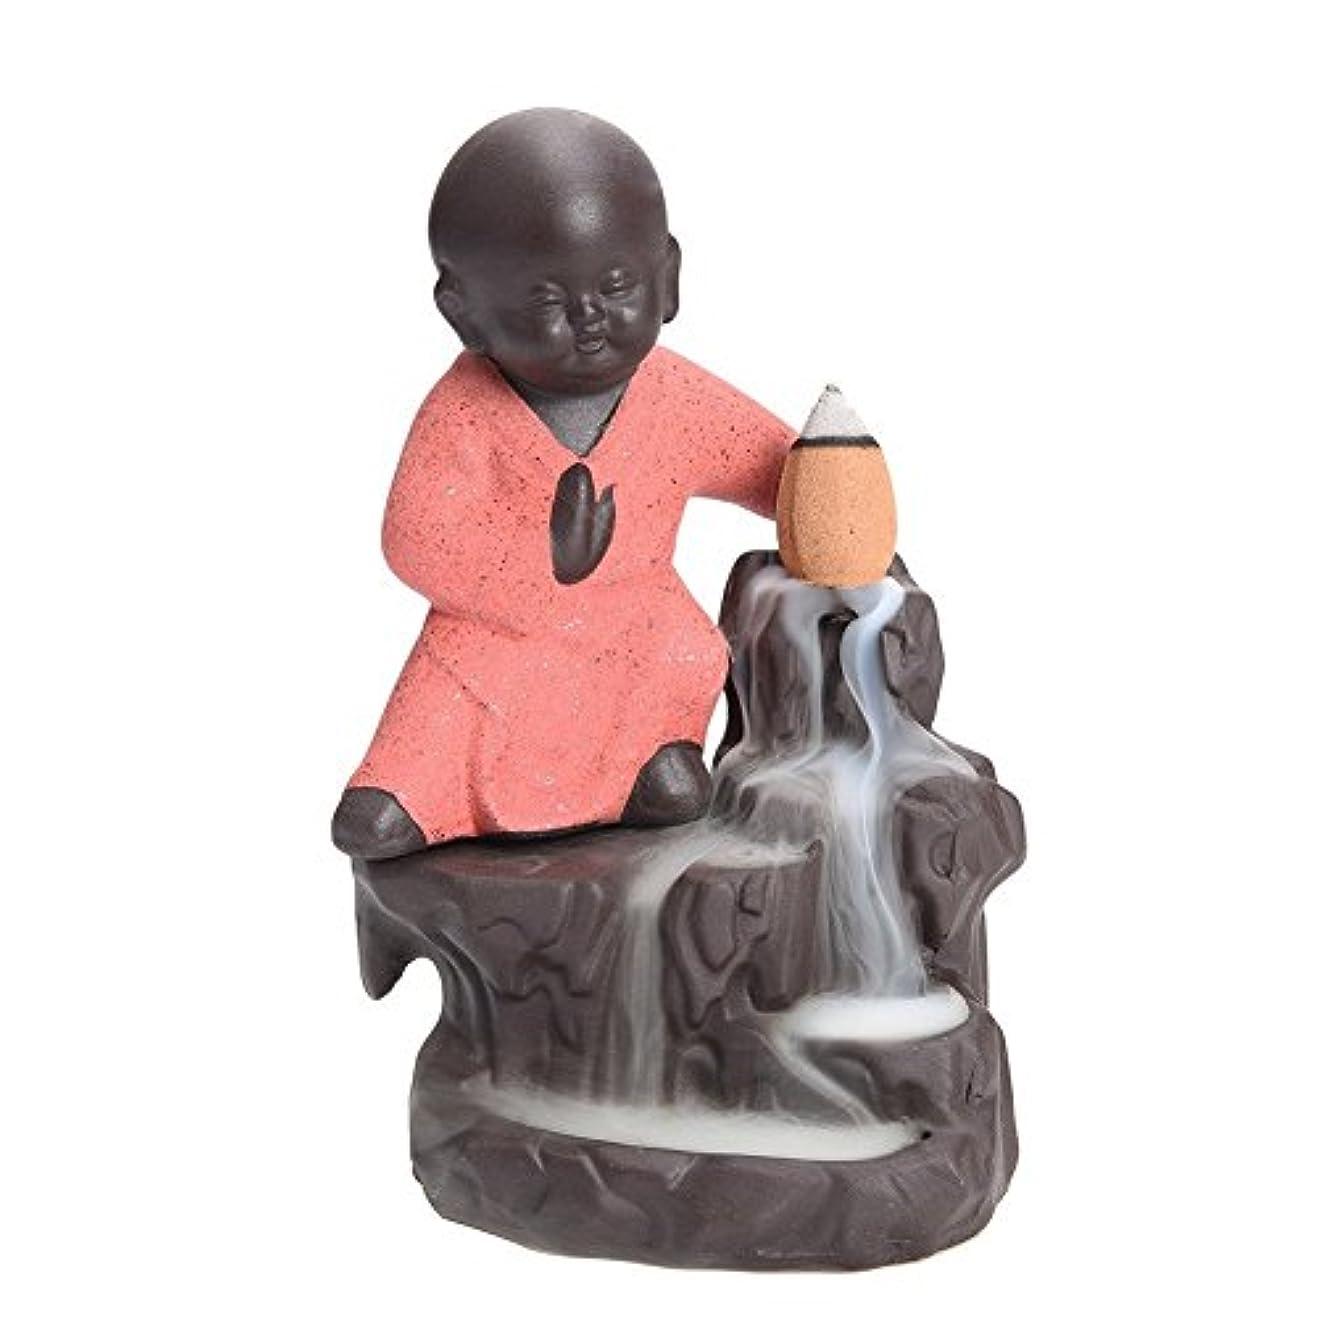 逆流香炉タワーCones Sticks Little Monkホルダーセラミック磁器Buddha Monk AshキャッチャーbySimon & # xff08 ;ピンク& # xff09 ;